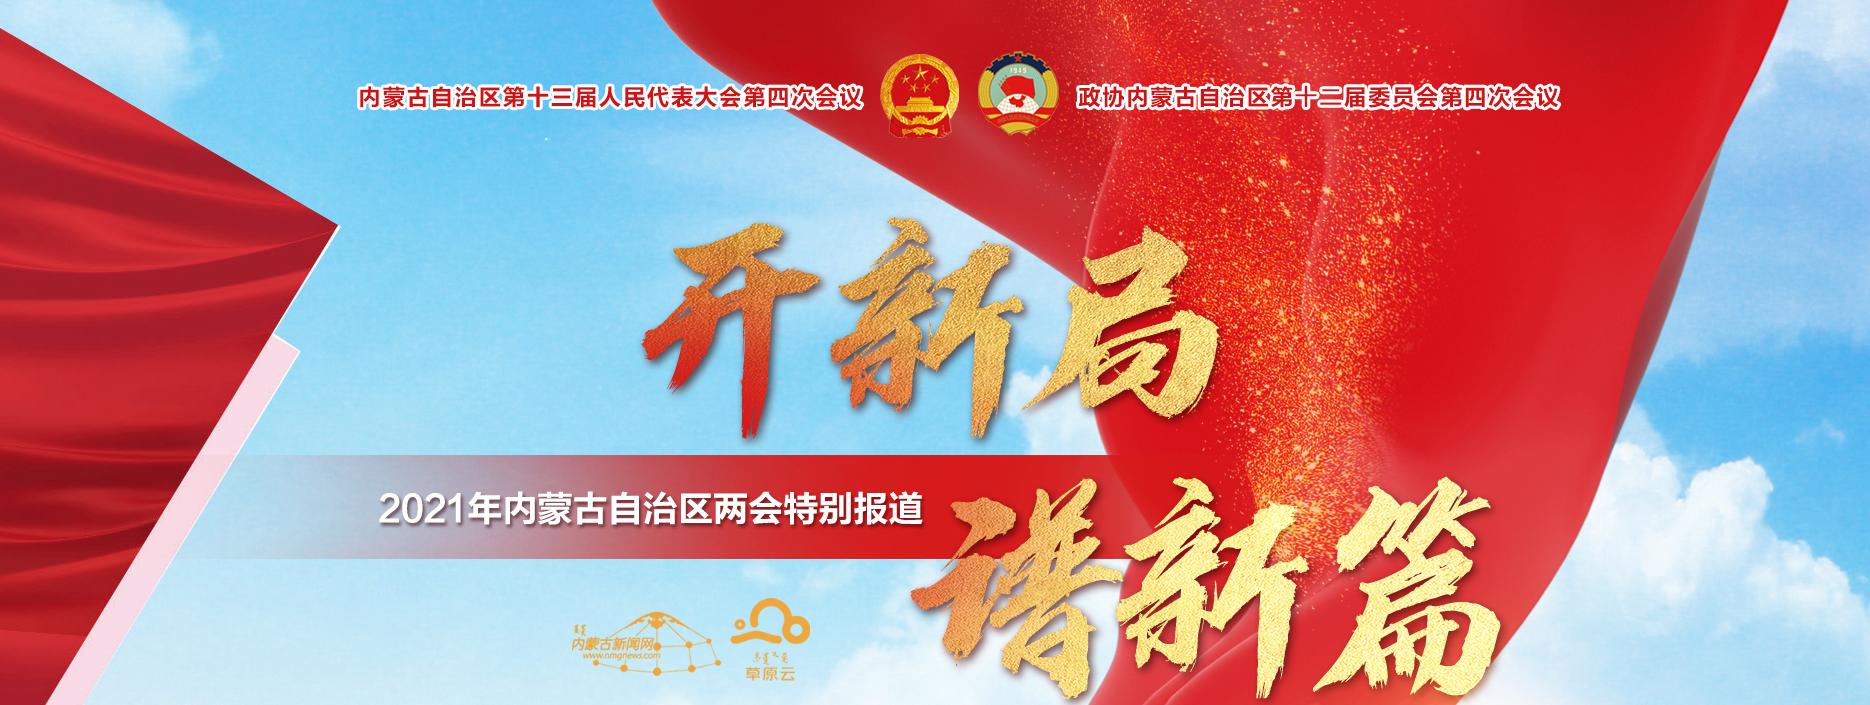 2021内蒙古两会.png